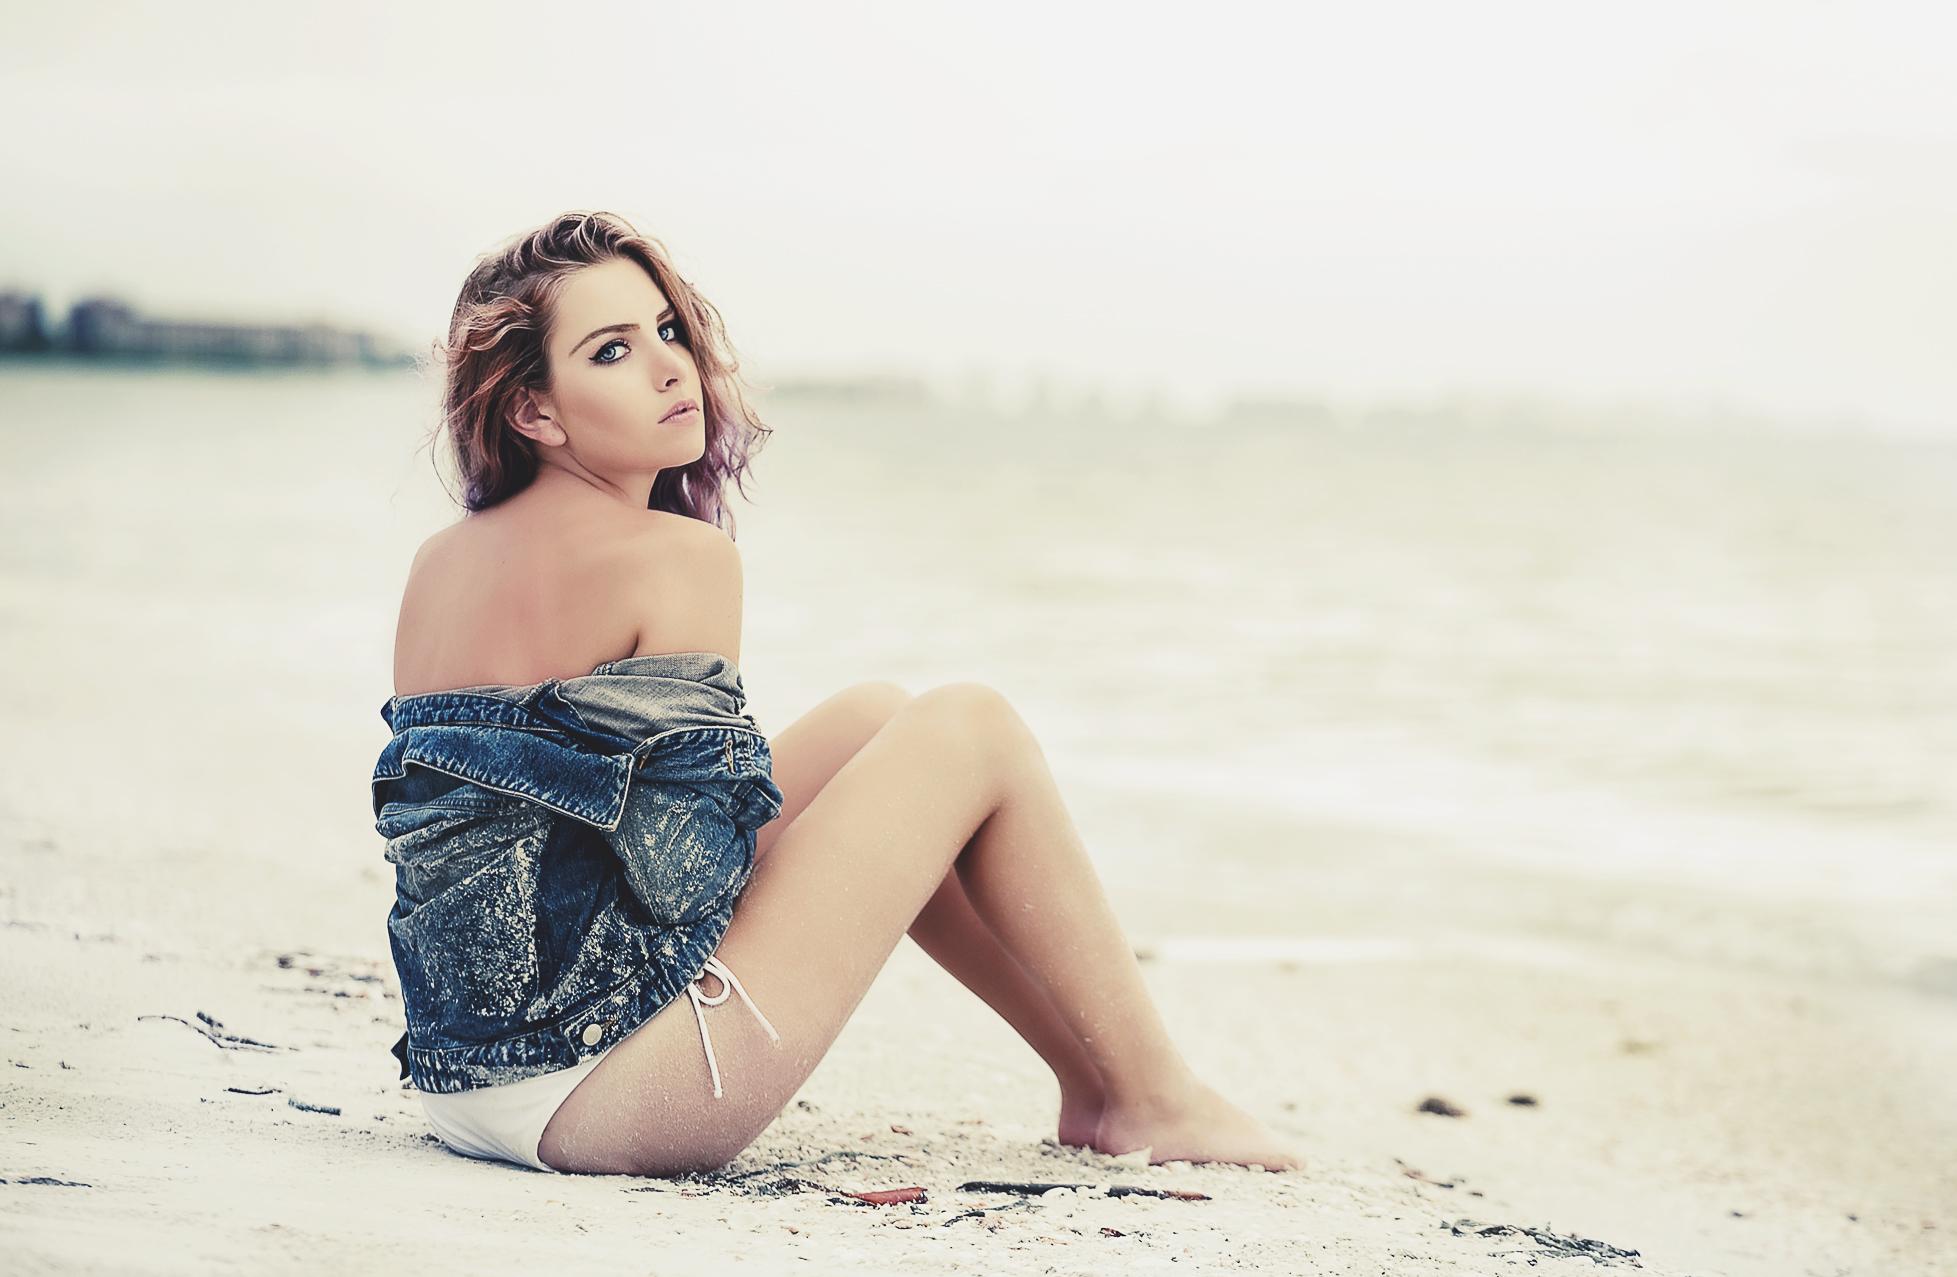 Jenna Olbeckson